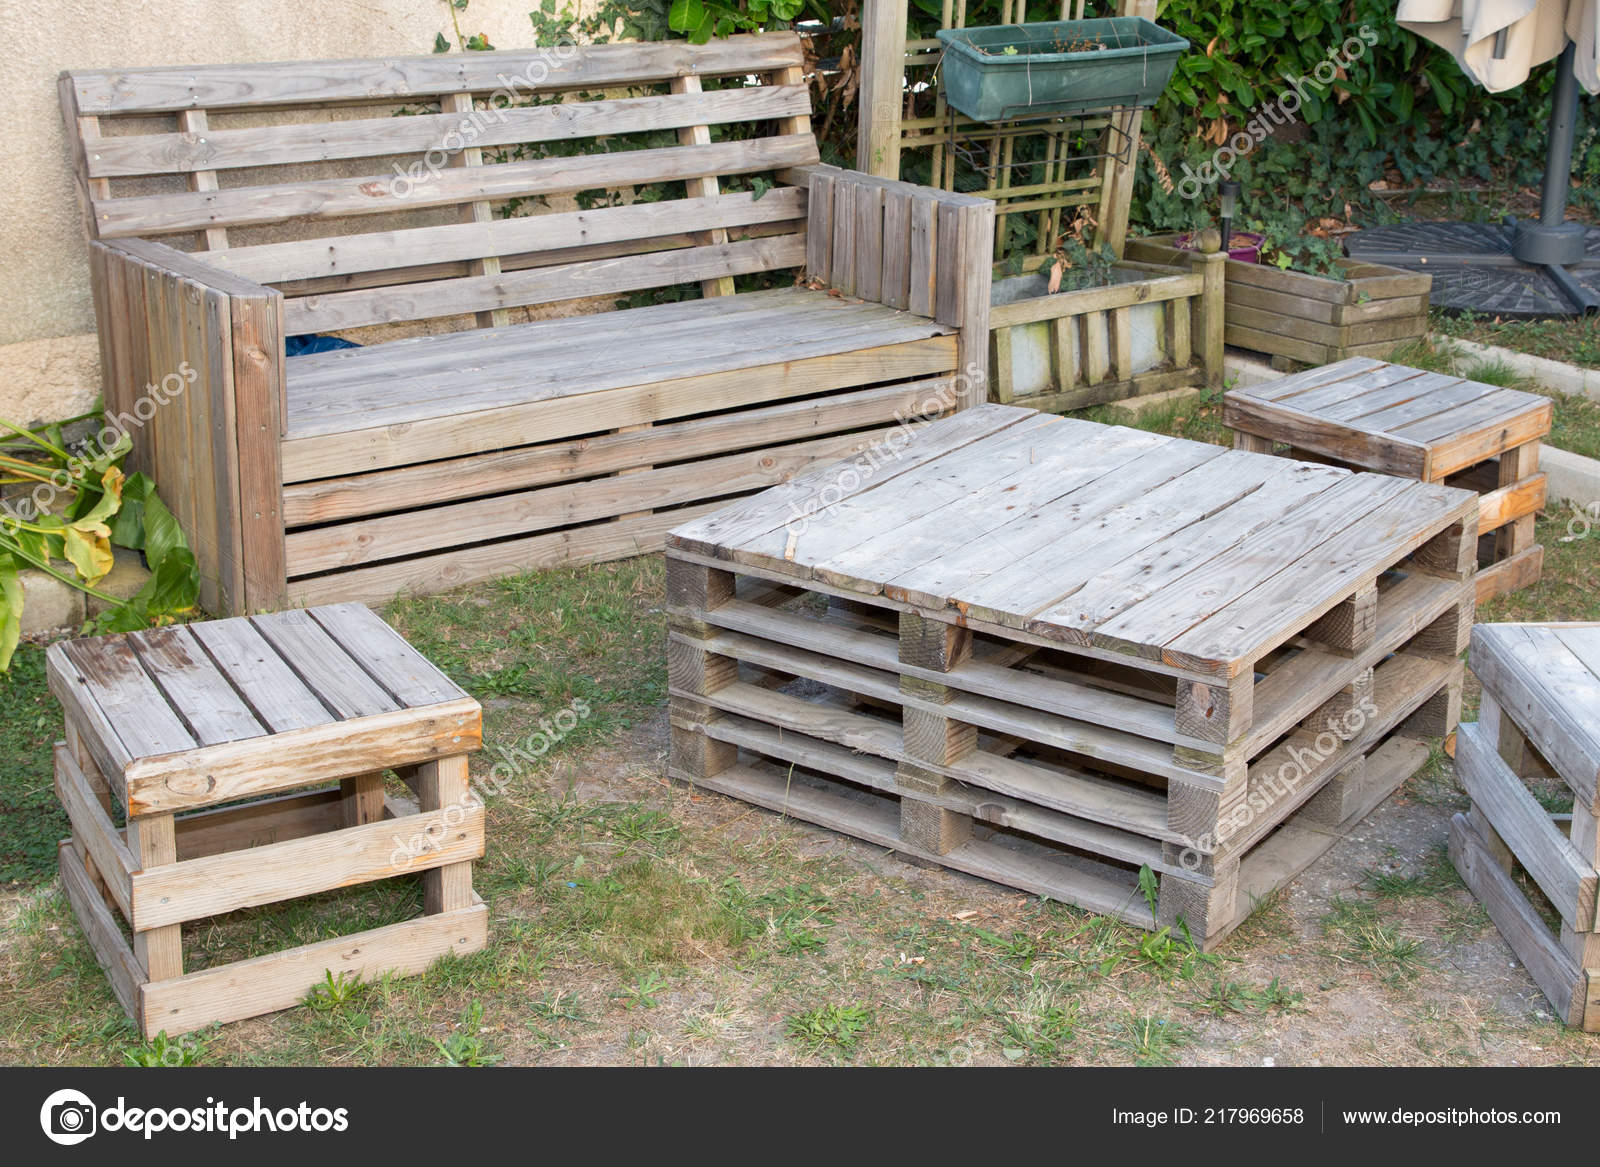 Vintage madera palets reciclados hacer mesa banco jard n - Tarimas de madera recicladas ...